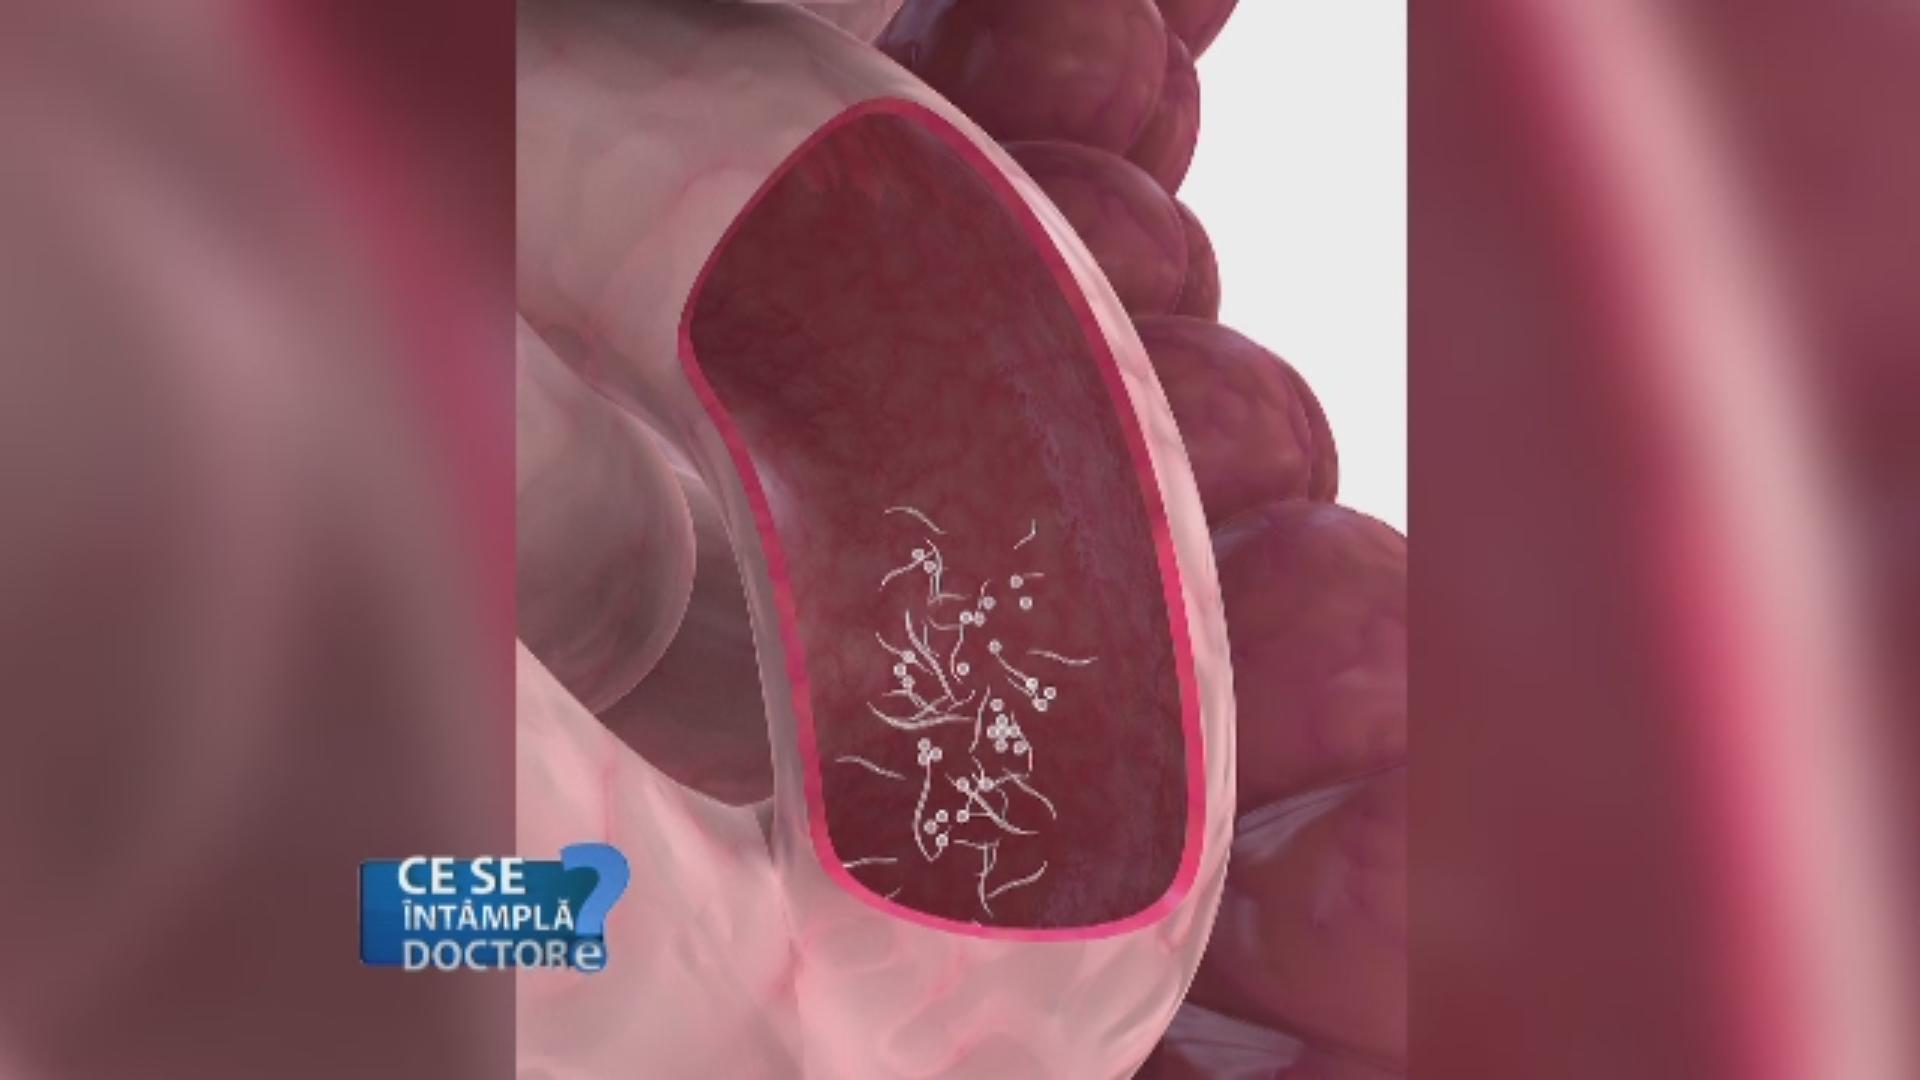 Oxyuris vermicularis treatment, Papiloma humano y sus sintomas Viermi helminths pinworm medicine